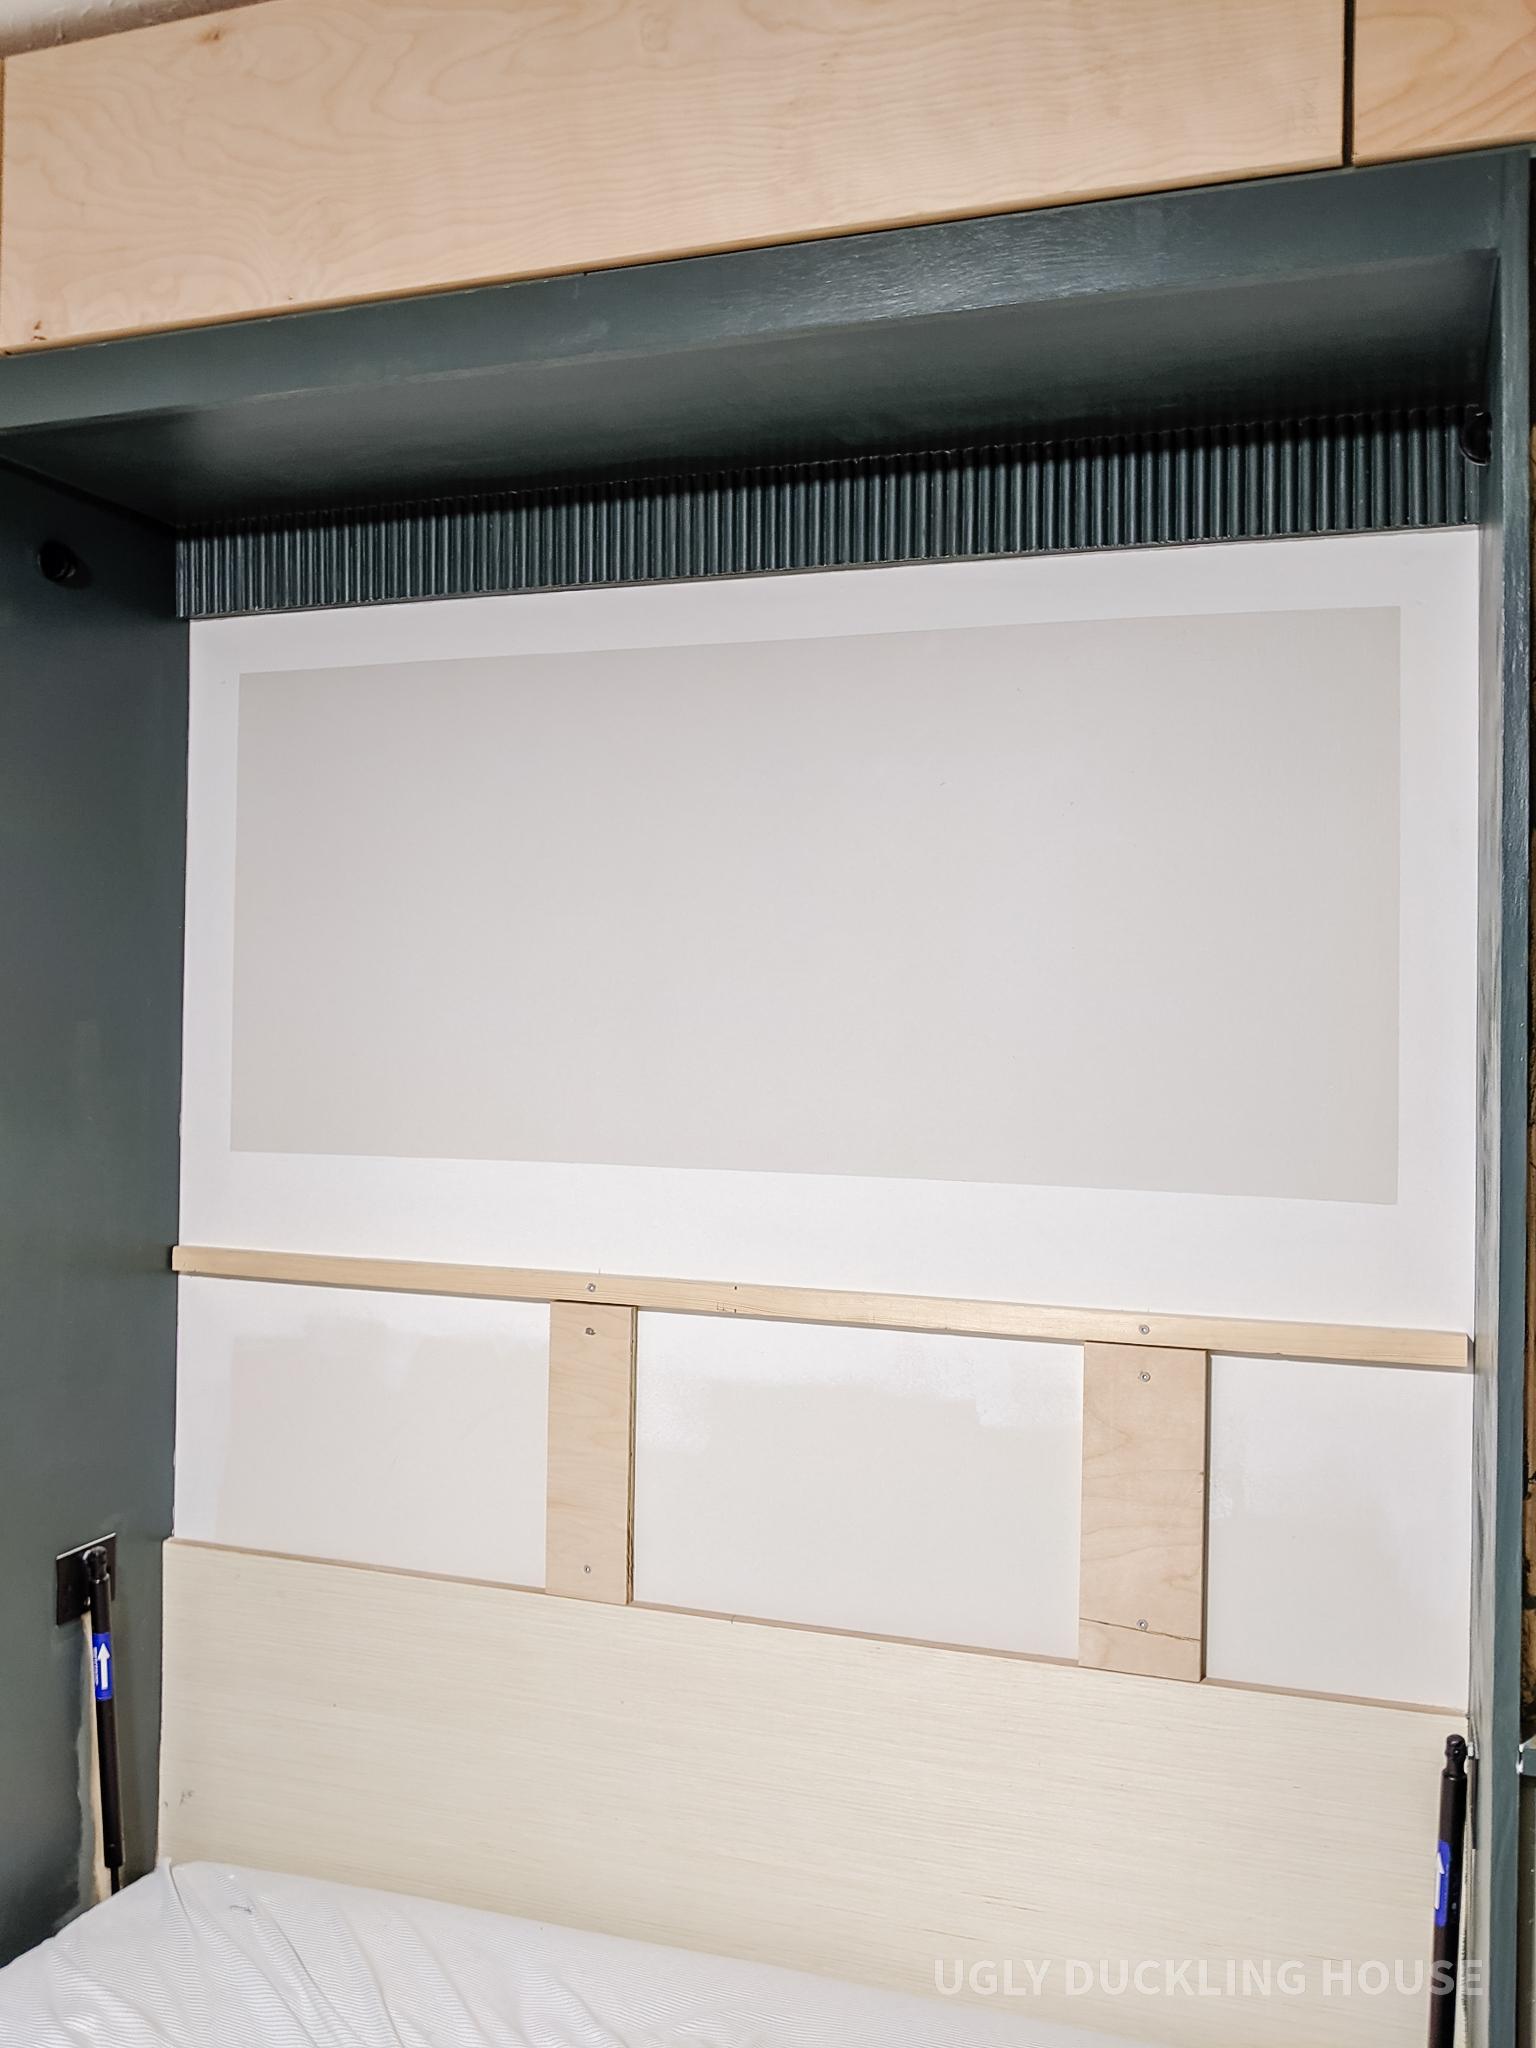 peindre une zone de blocs gris sur le mur